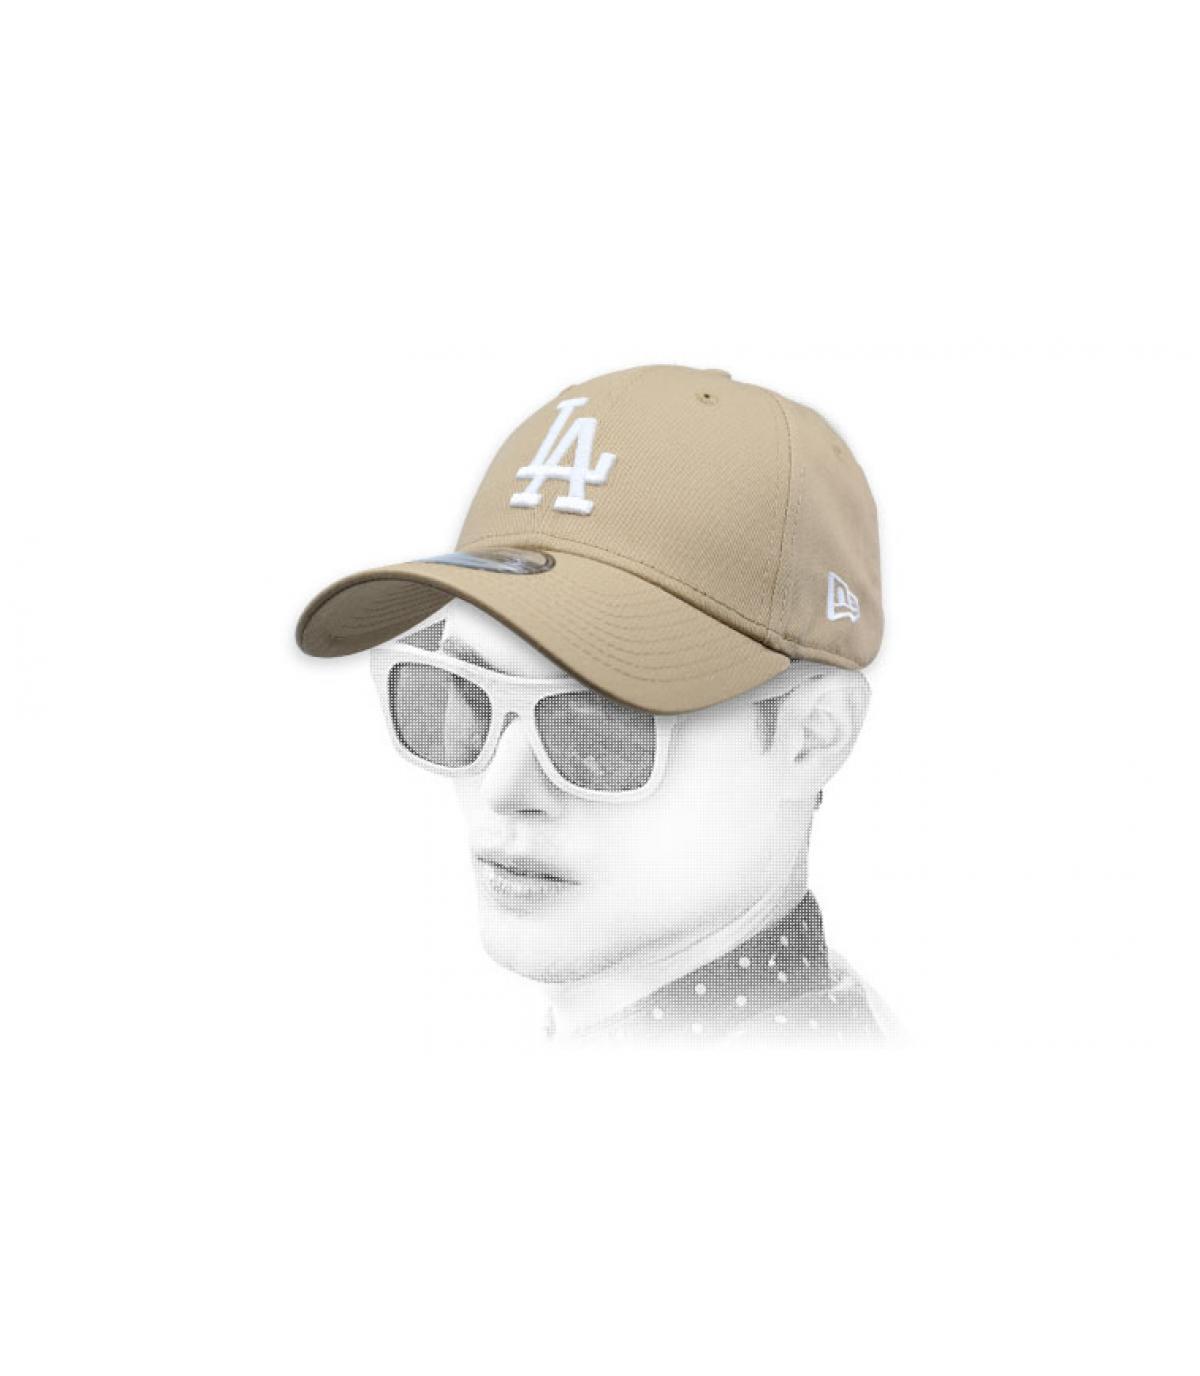 casquette LA beige